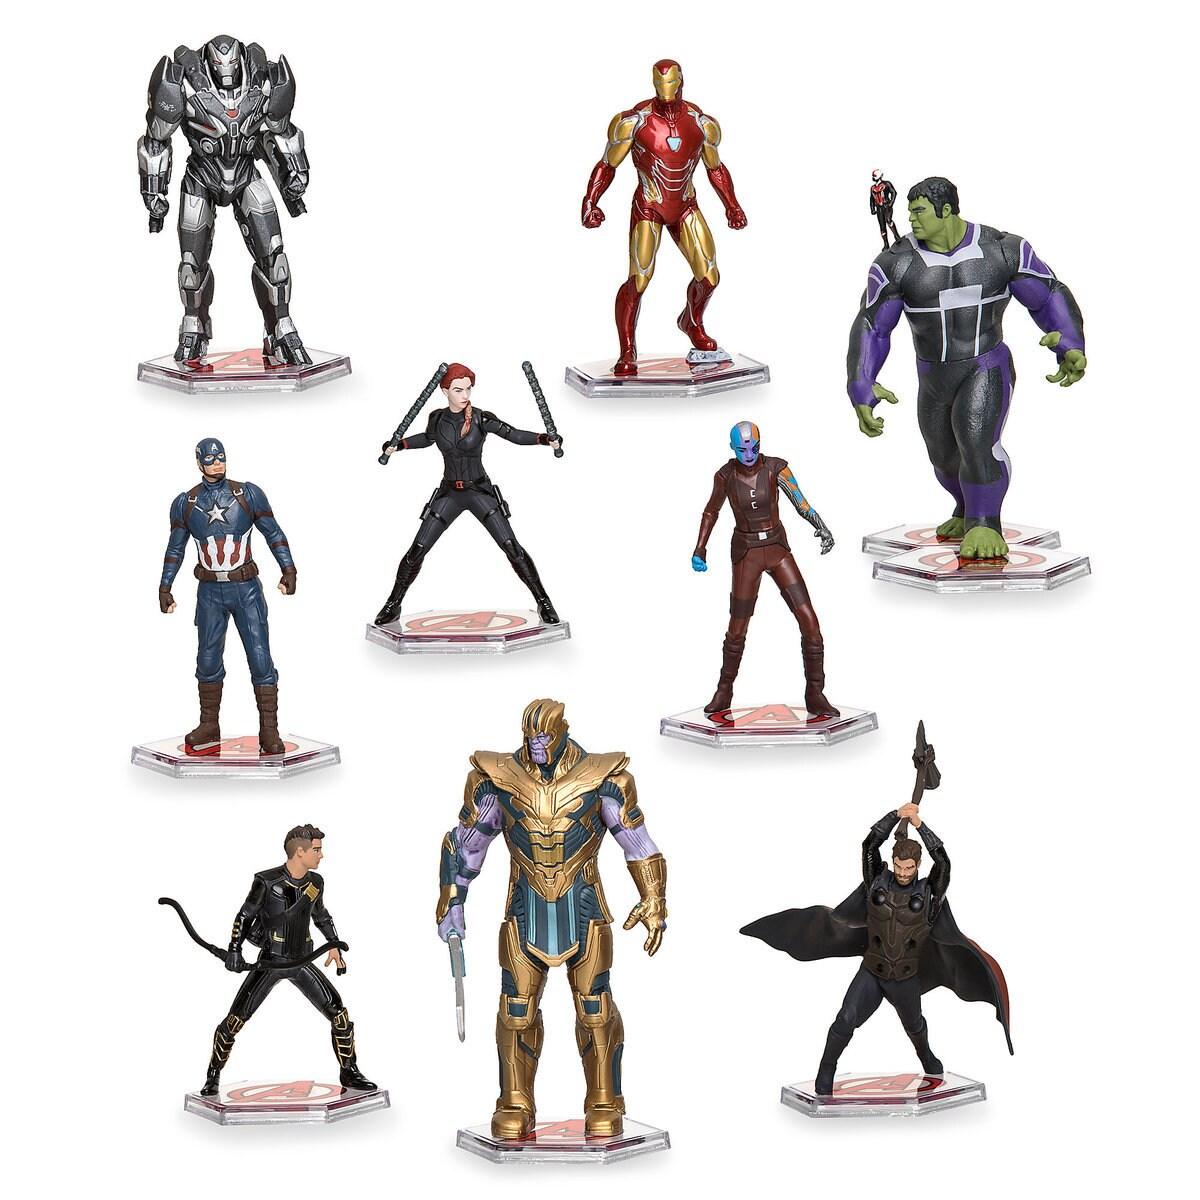 Deluxe Play Set Marvel's AvengersEndgame Avengers Figure rtsdhQ